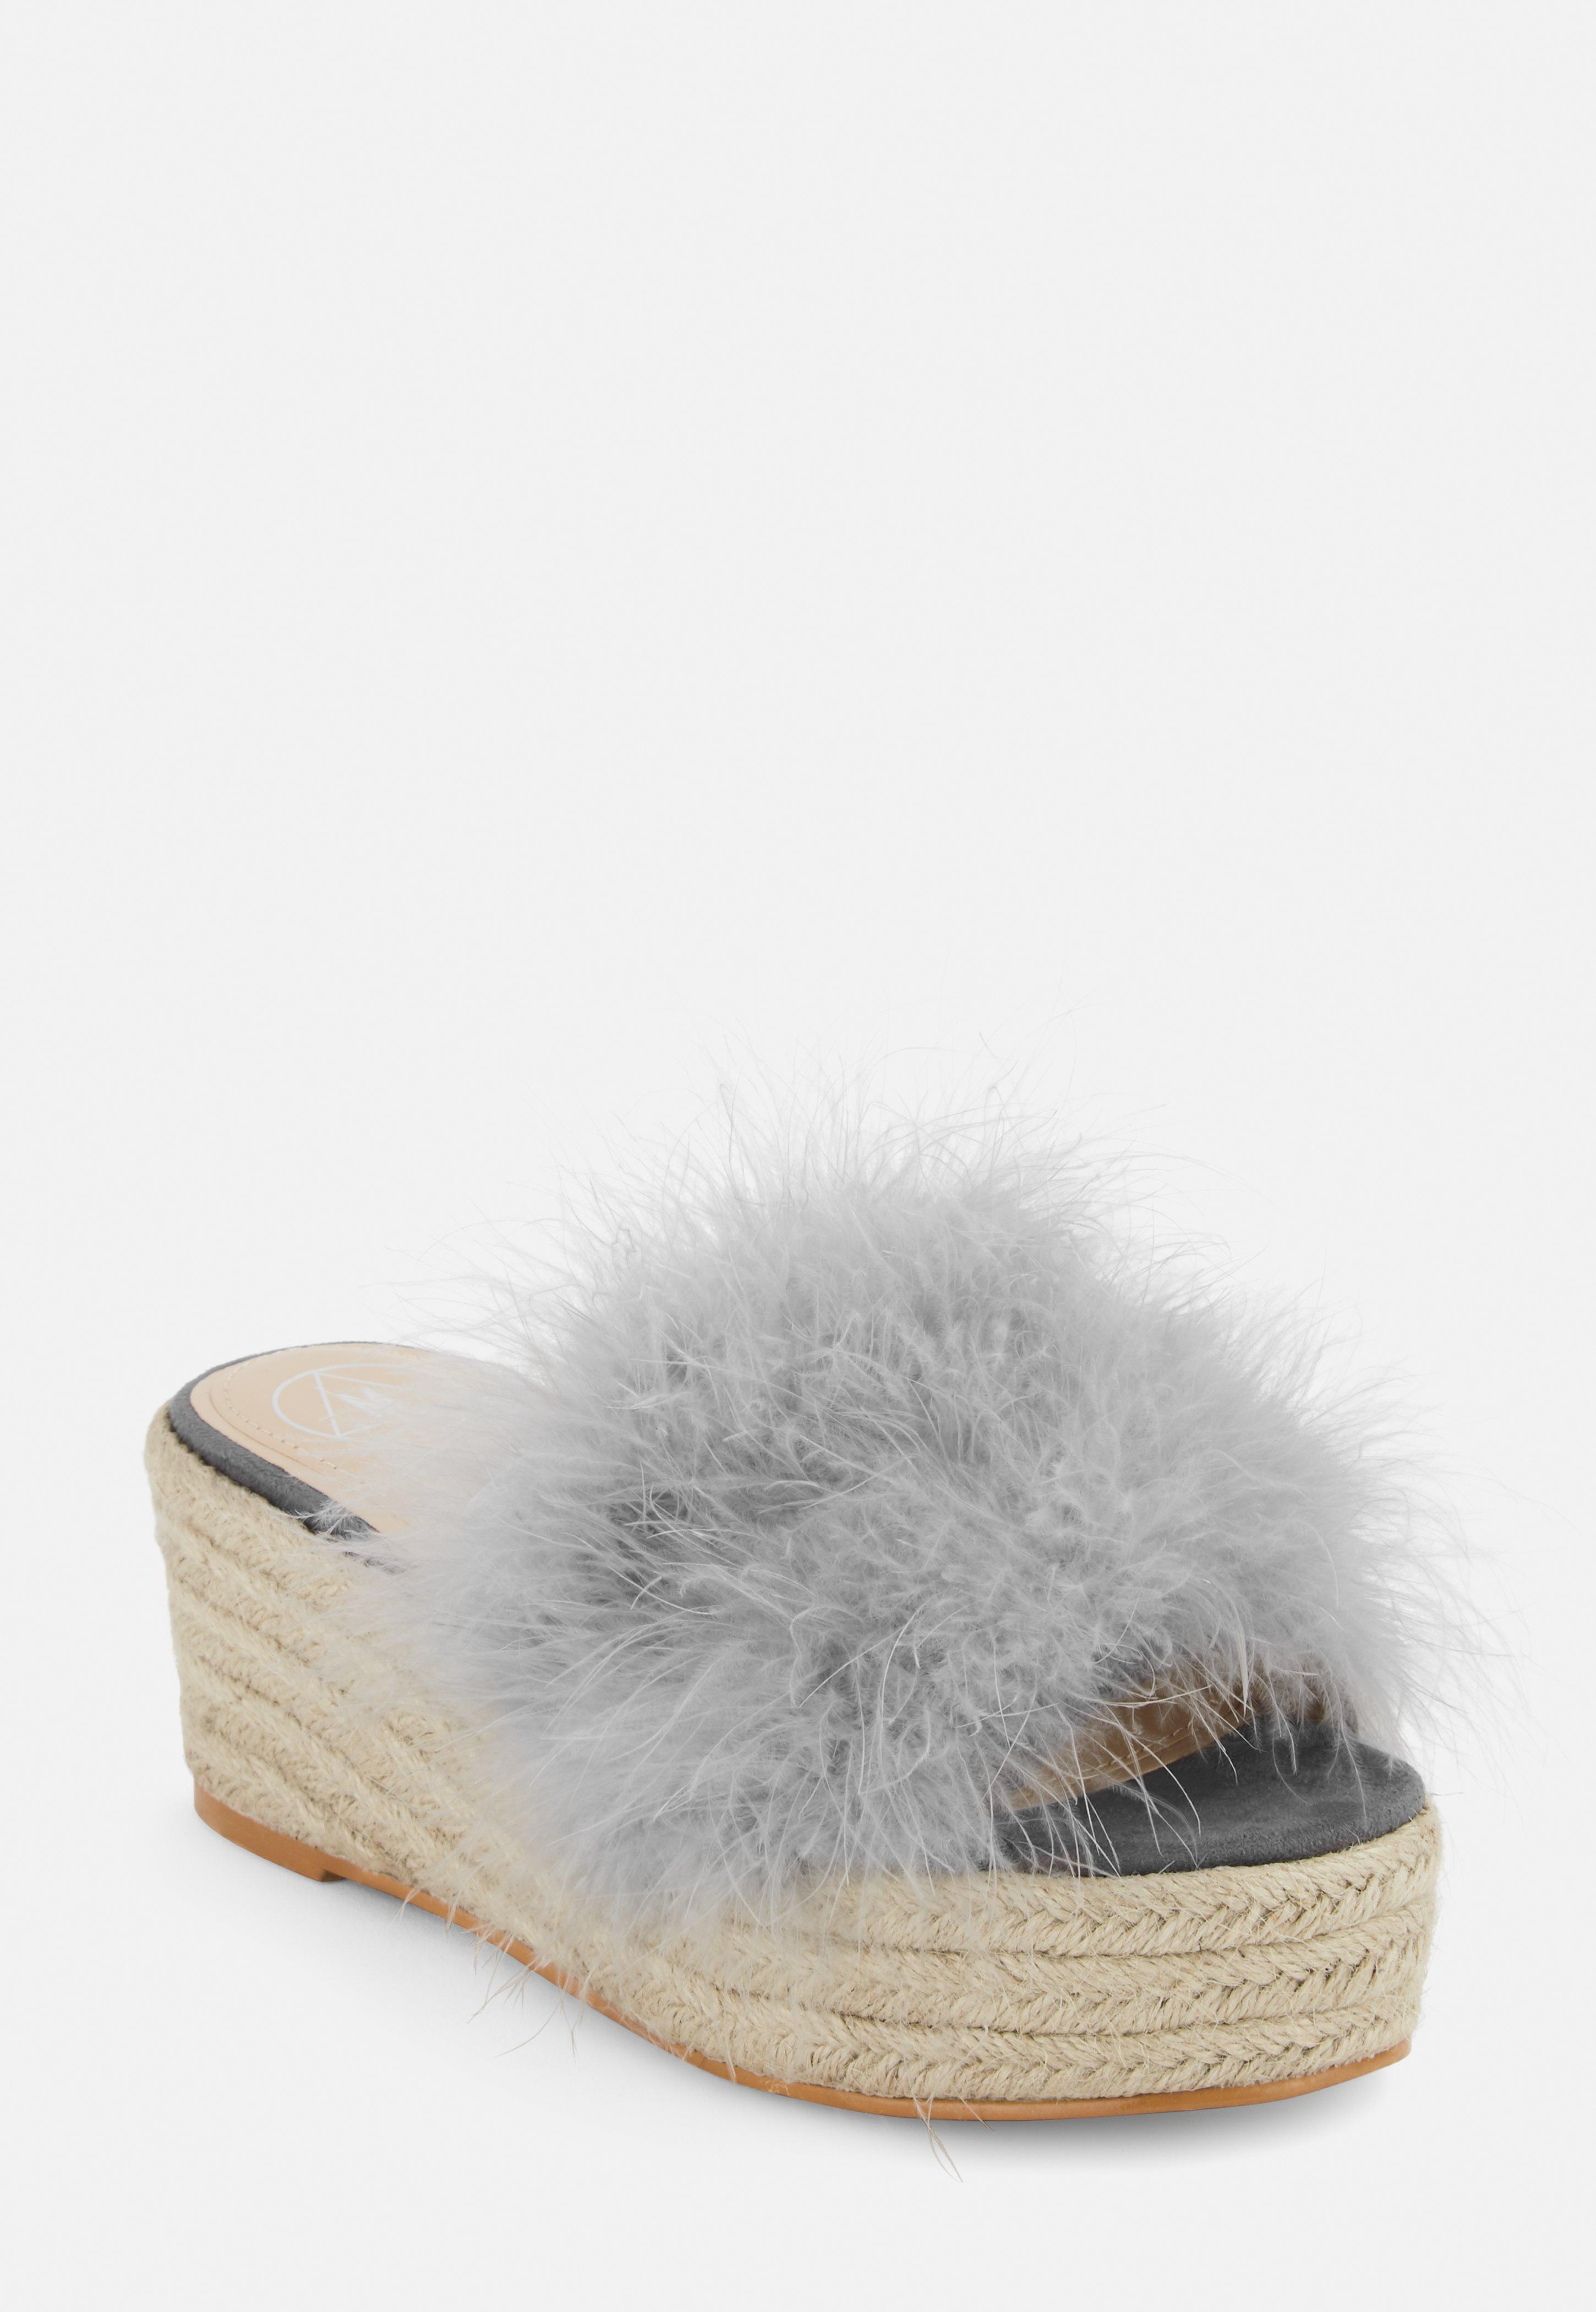 ChèresBottinesamp; Pas Escarpins Chaussures Escarpins Chers Chers Chaussures ChèresBottinesamp; Pas Chaussures Pas PkZiXu